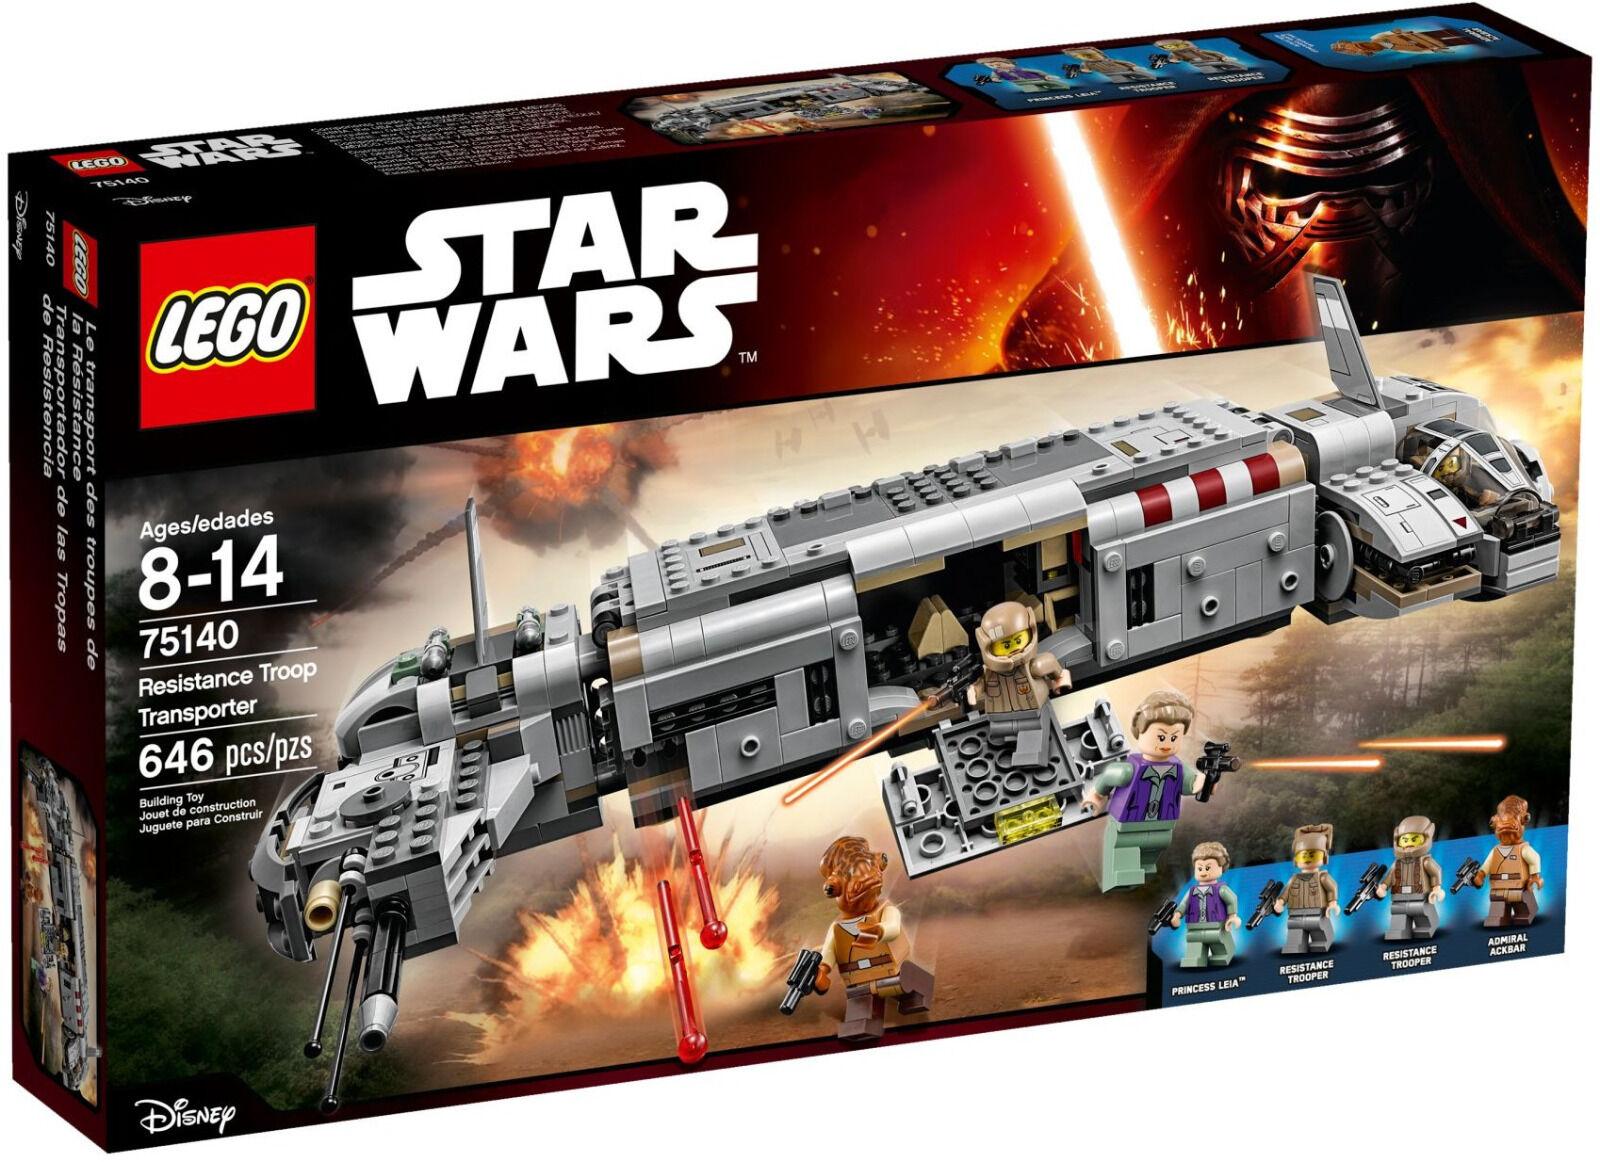 Lego 75140 Star Wars Resistance Troop Transporter (NEW) [RETIRED SET]